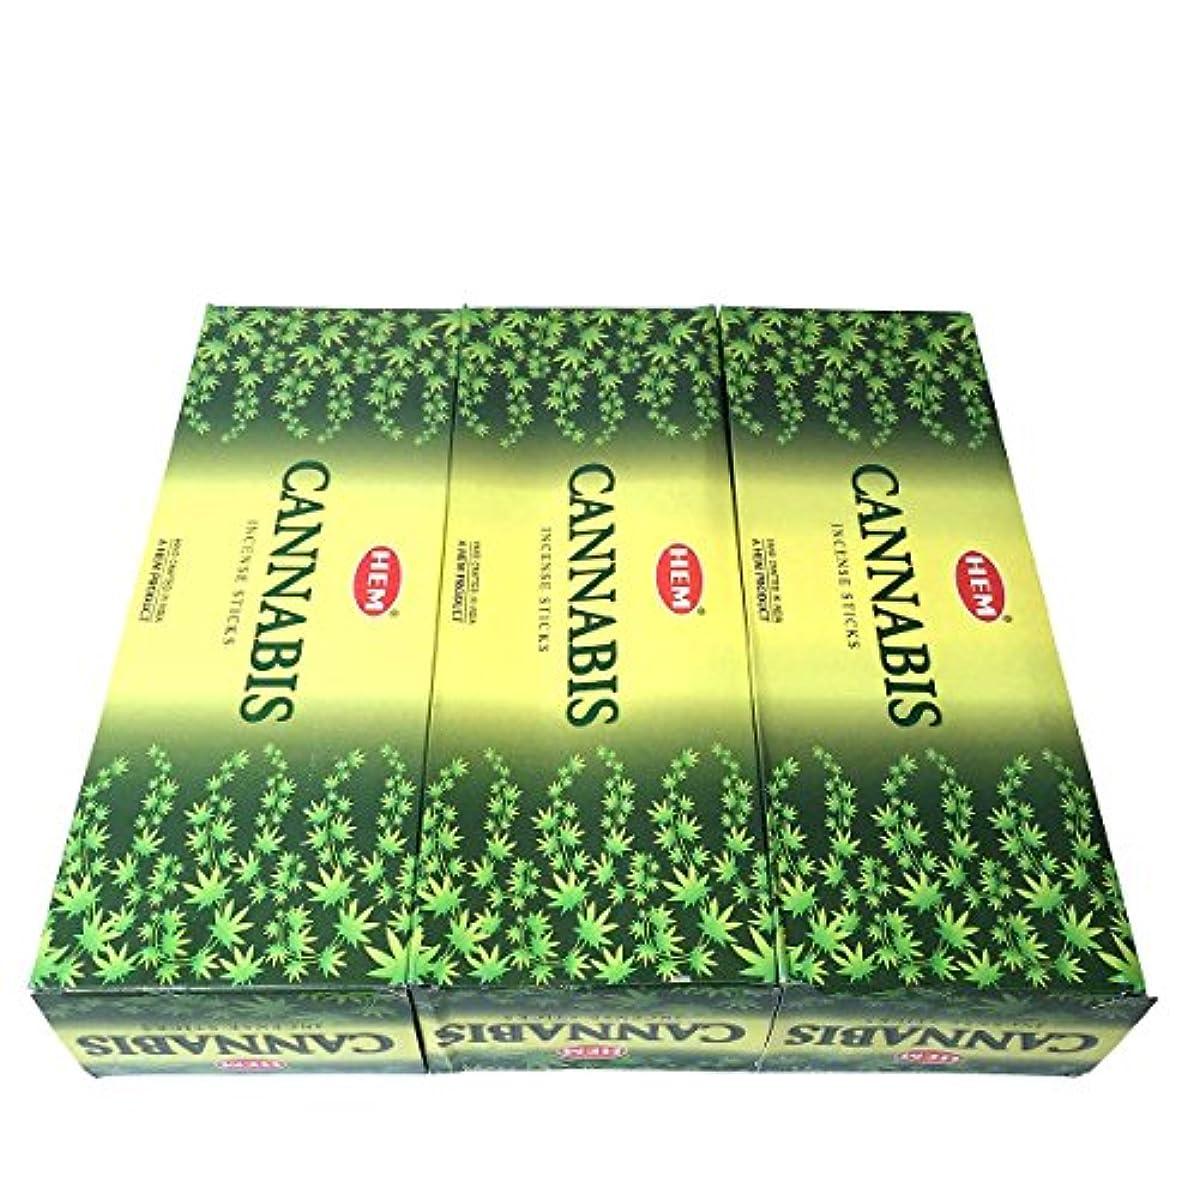 差別沿ってくしゃみカナビス香スティック 3BOX(18箱) /HEM CANNABIS/インセンス/インド香 お香 [並行輸入品]